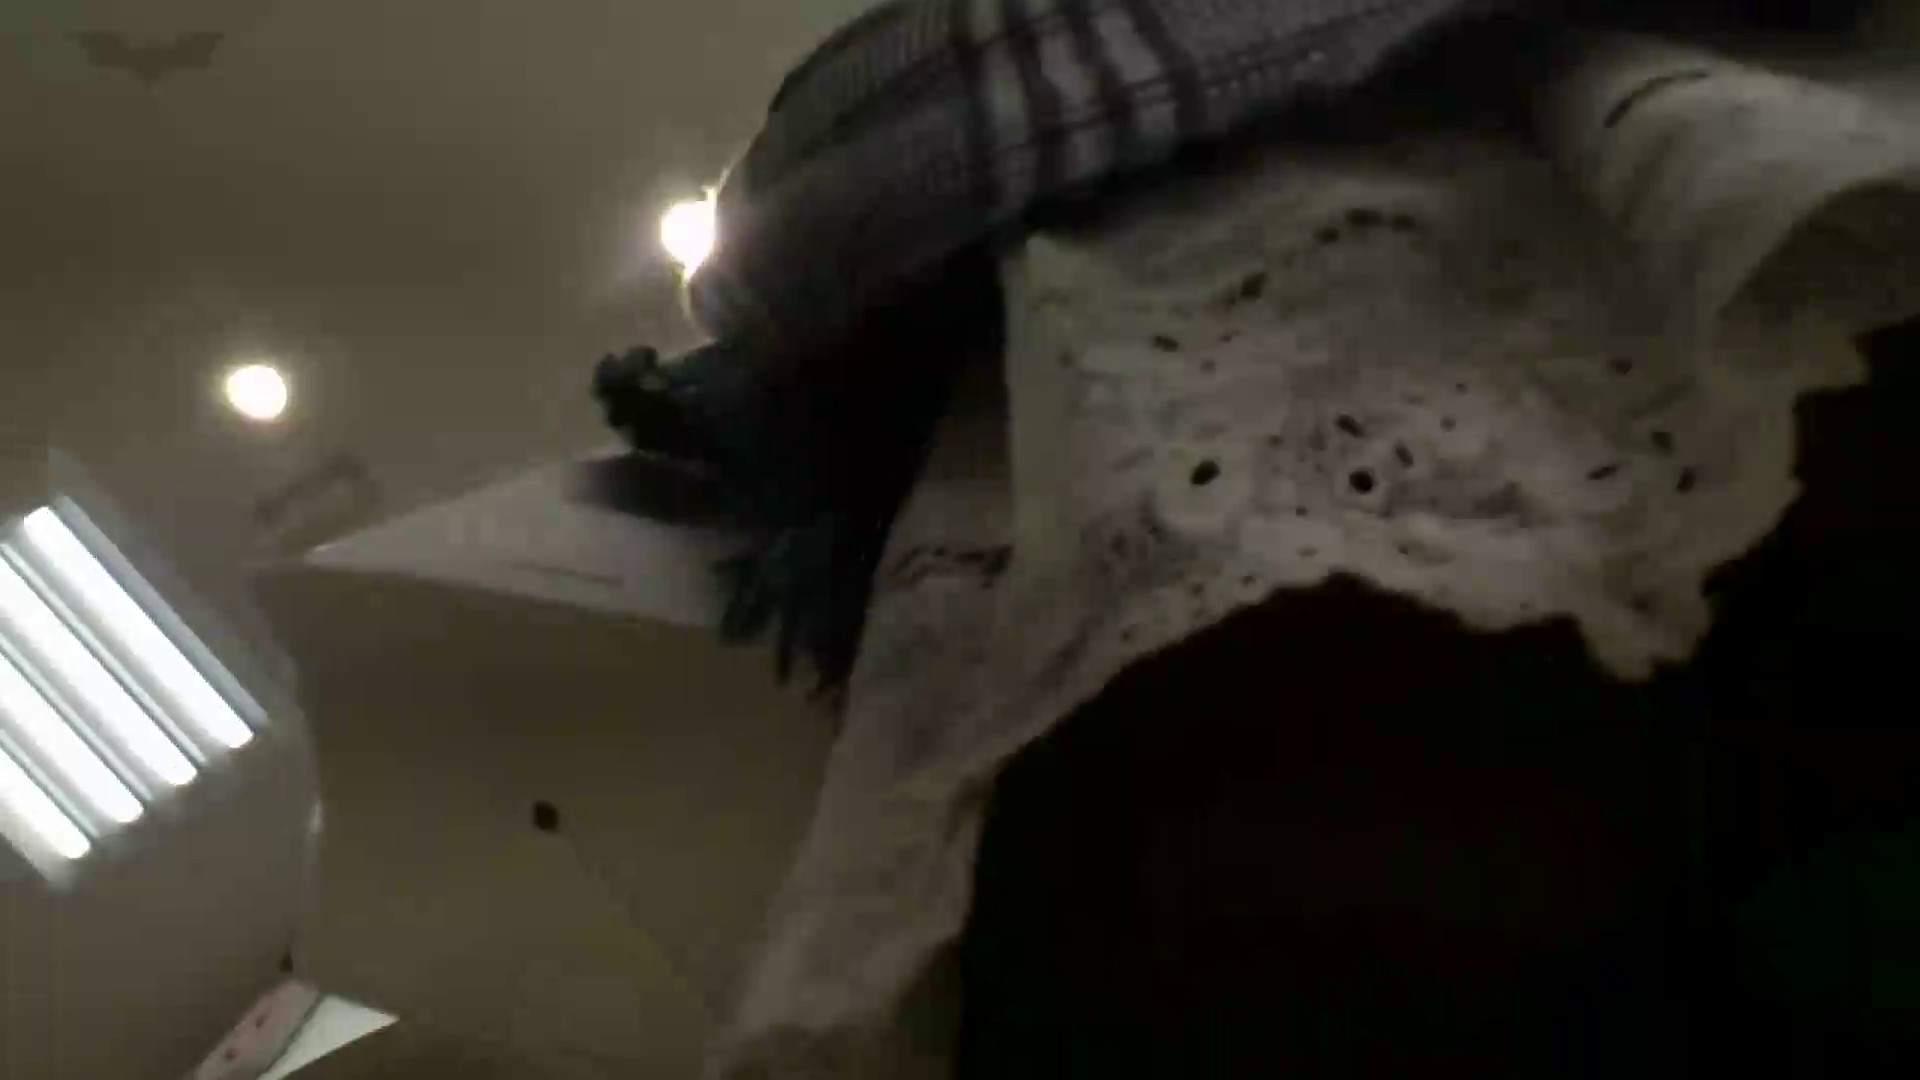 盗撮列車 Vol.52 破れたパンストの絶景 細身体型 おめこ無修正動画無料 97枚 83